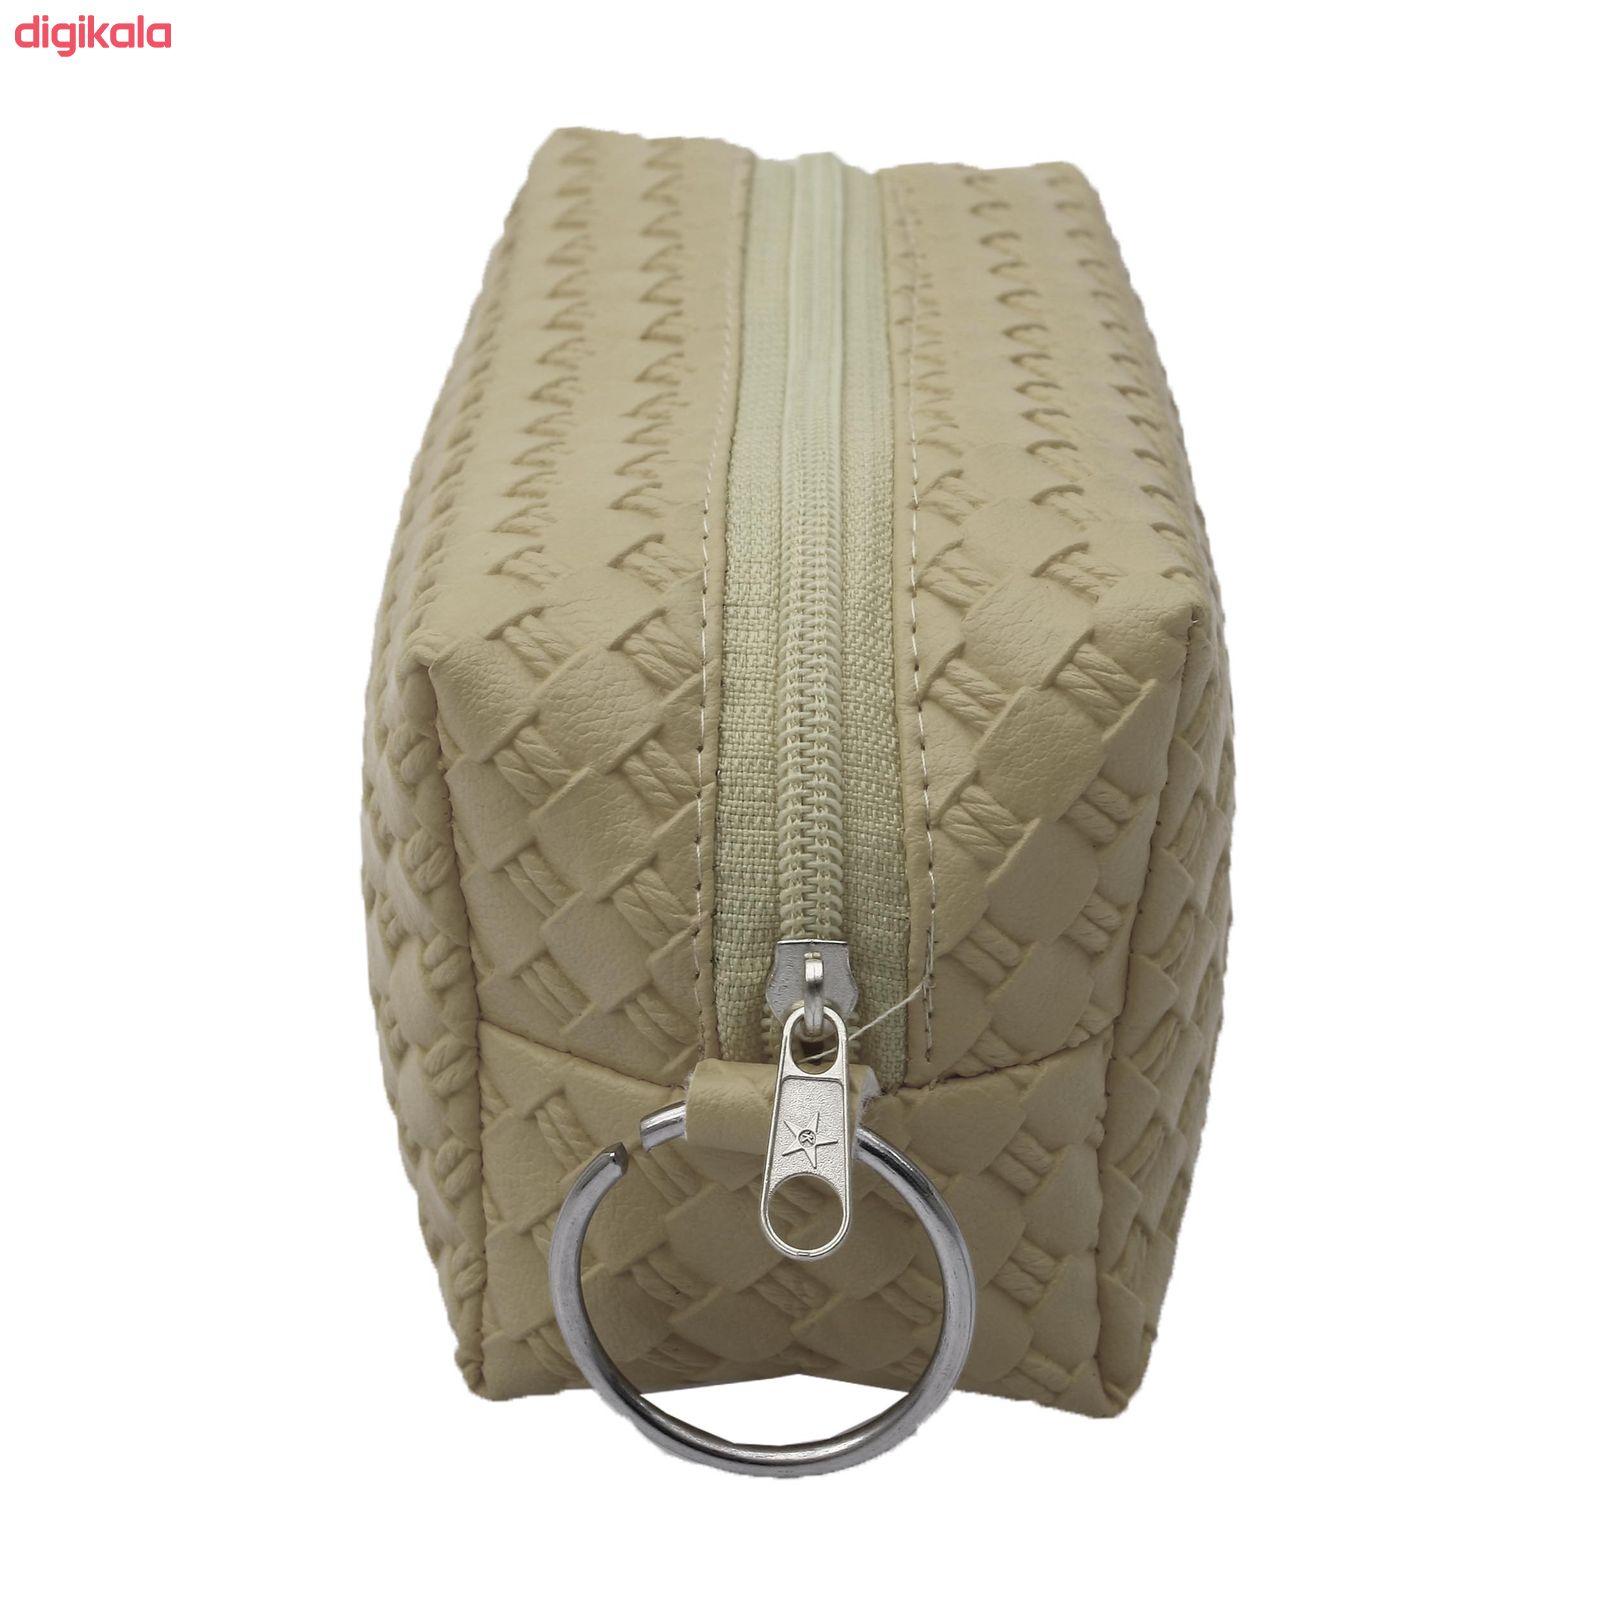 کیف لوازم آرایش کد GT0103 main 1 27